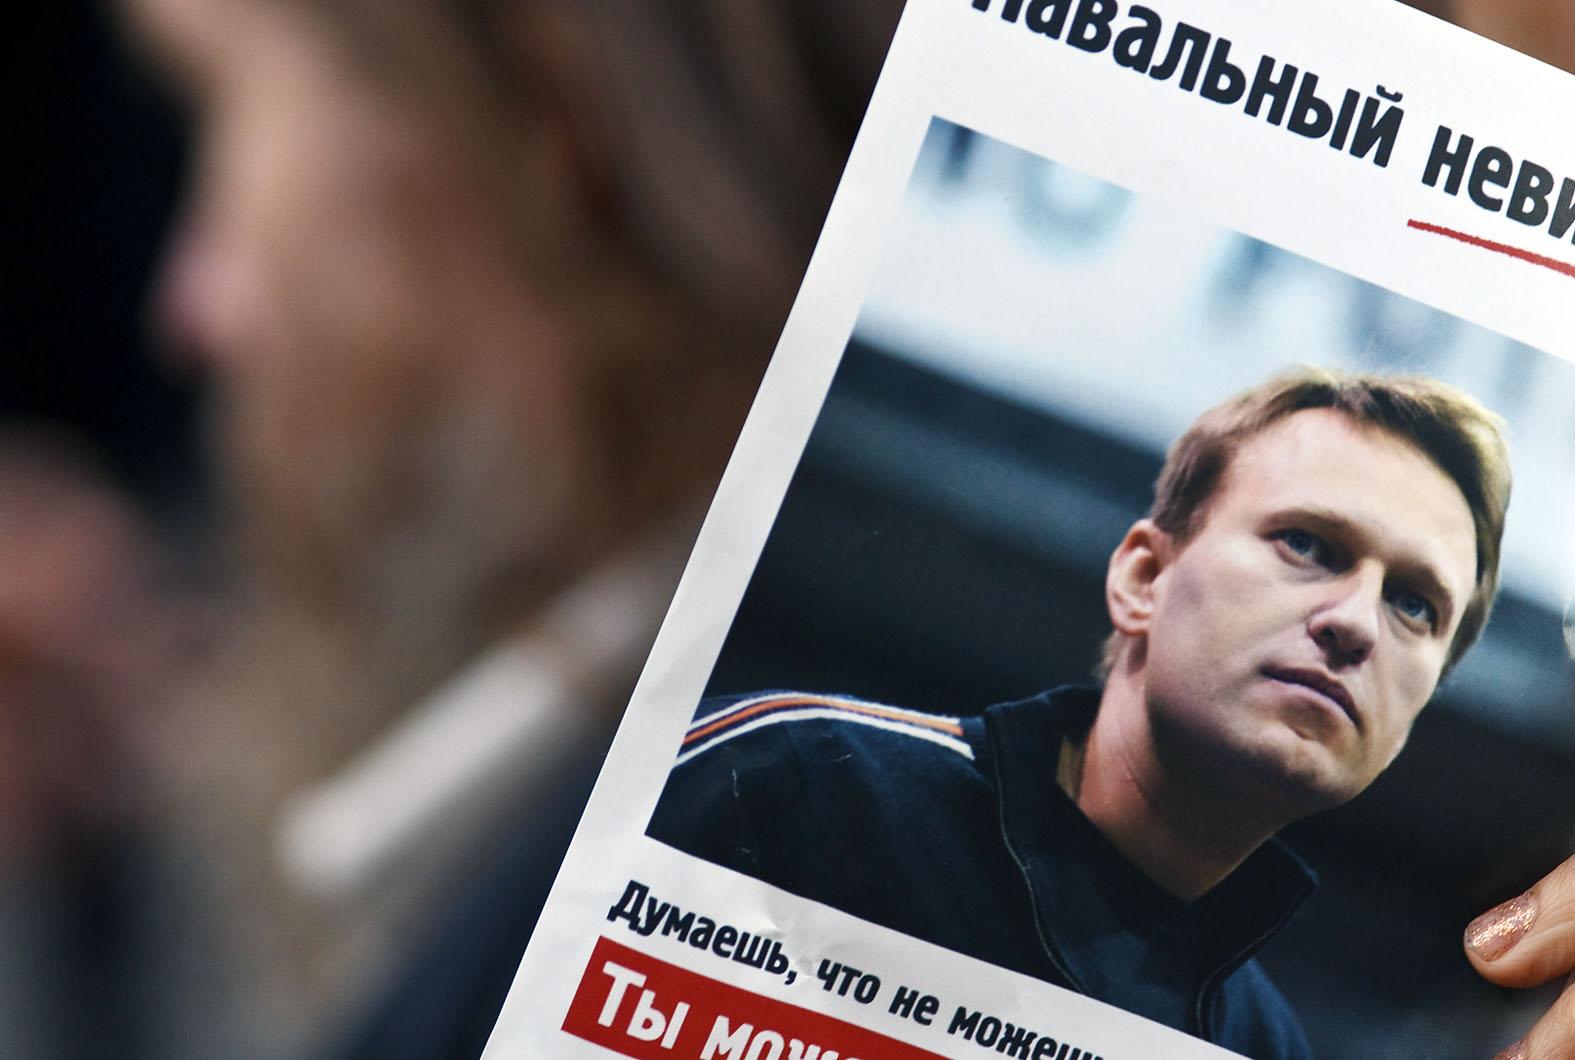 """Работа над ошибками Навального: """"Новичок"""" оказался неизвестным лекарством геополитика"""